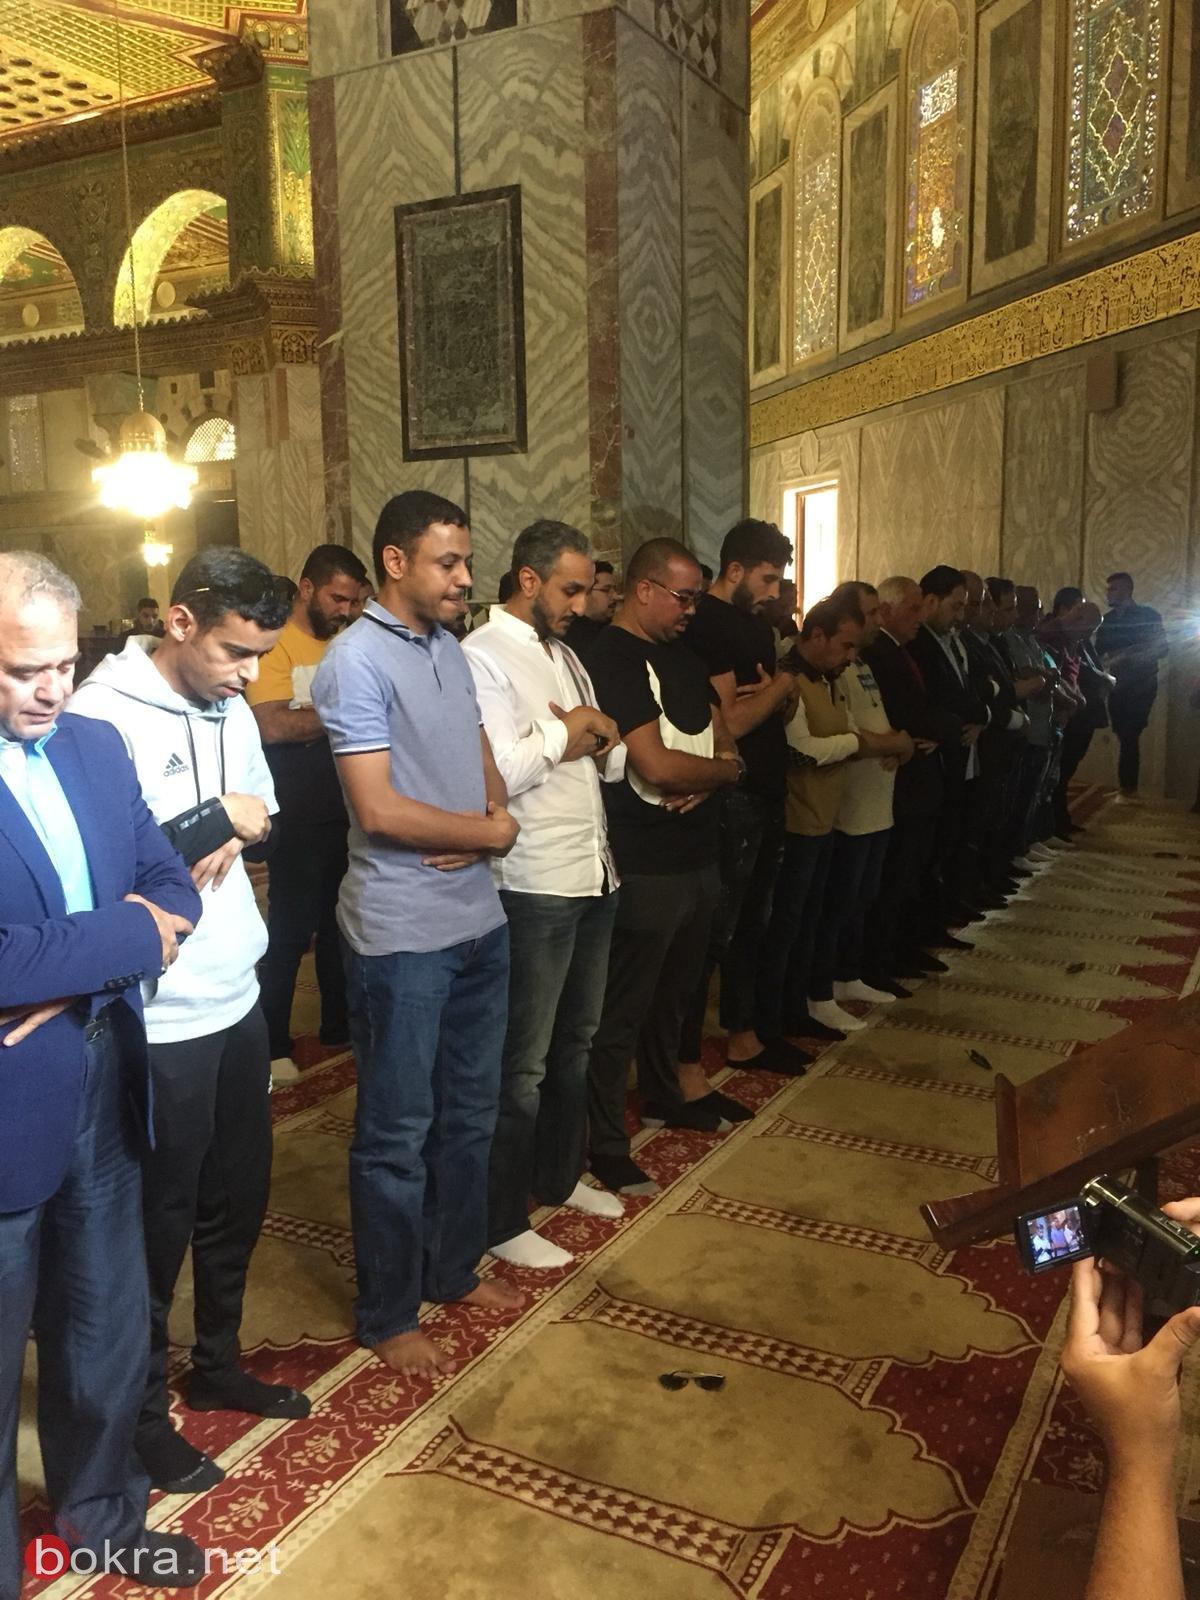 المنتخب السعودي يزور المسجد الأقصى المبارك 430977830